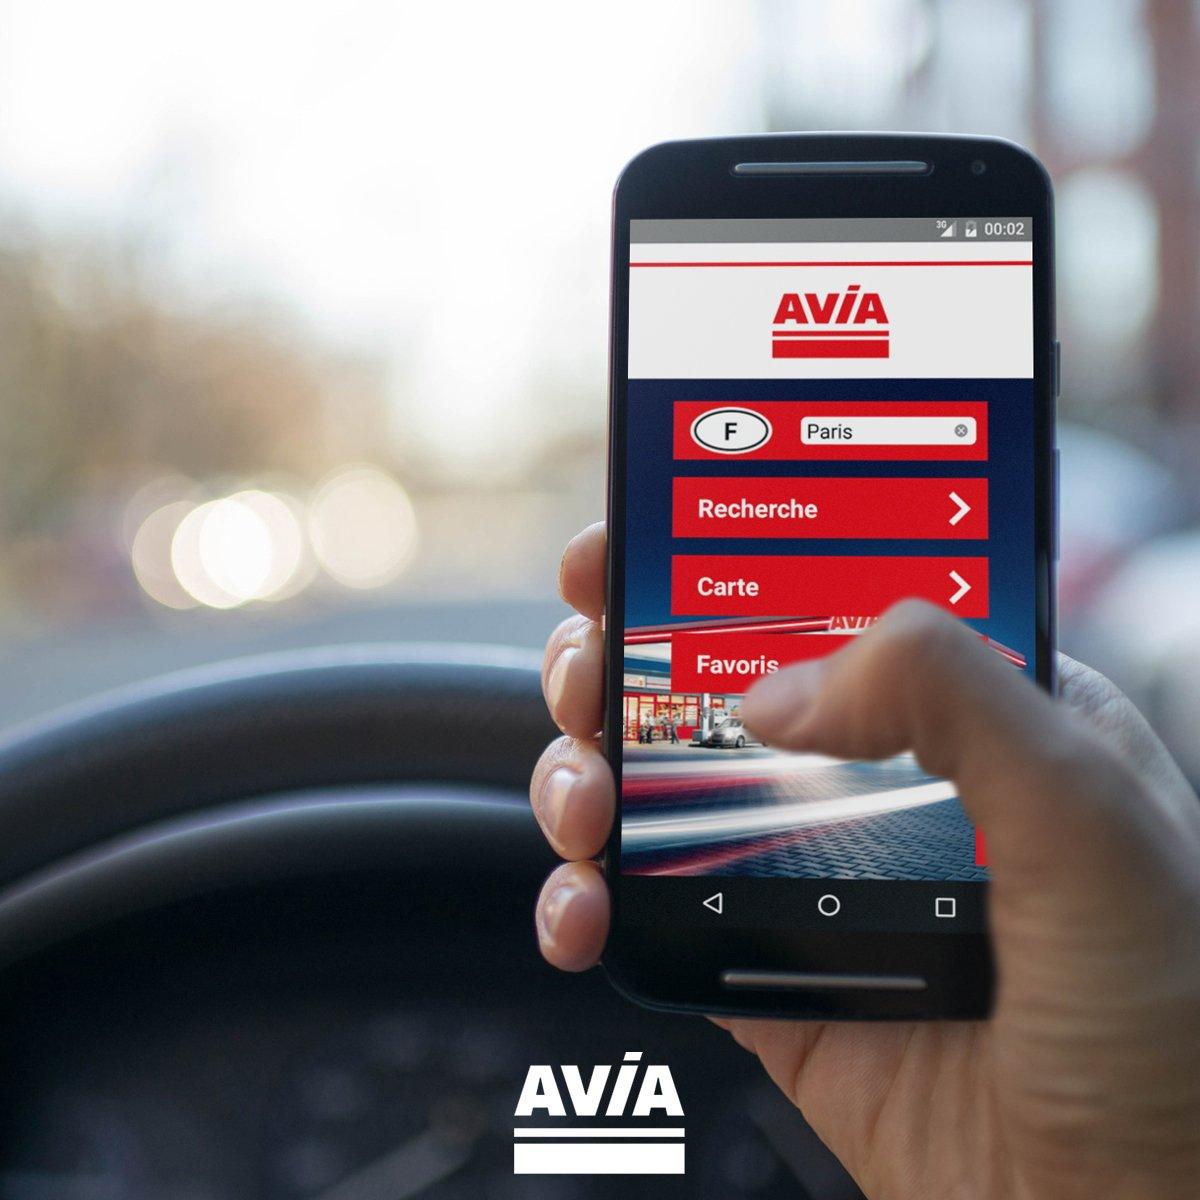 AVIA l'application pour smartphone  pour tout savoir de les stations-services. dans - - - NEWS INDUSTRIE DwZMOLXWkAAF_A7